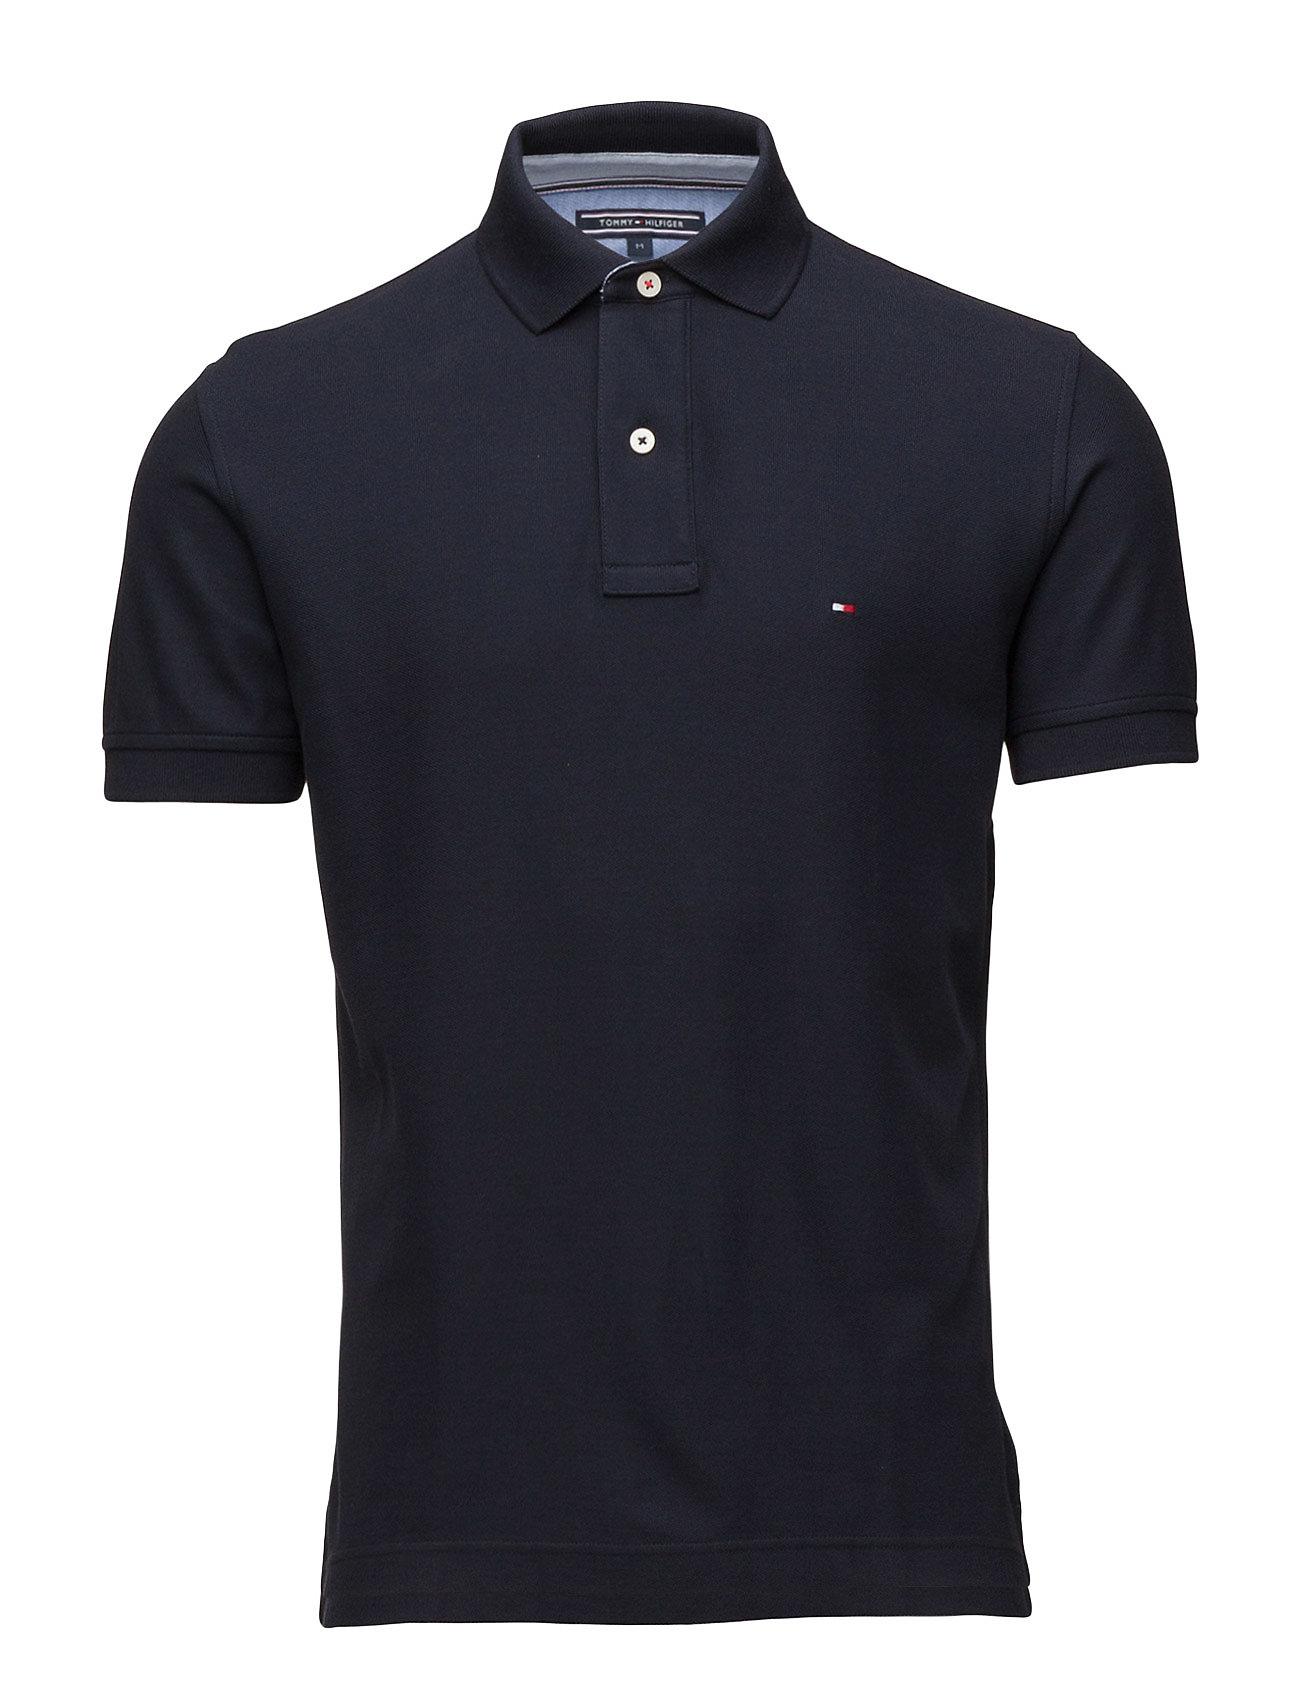 Image of Core Hilfiger Regular Polo Polos Short-sleeved Blå Tommy Hilfiger (3293913173)